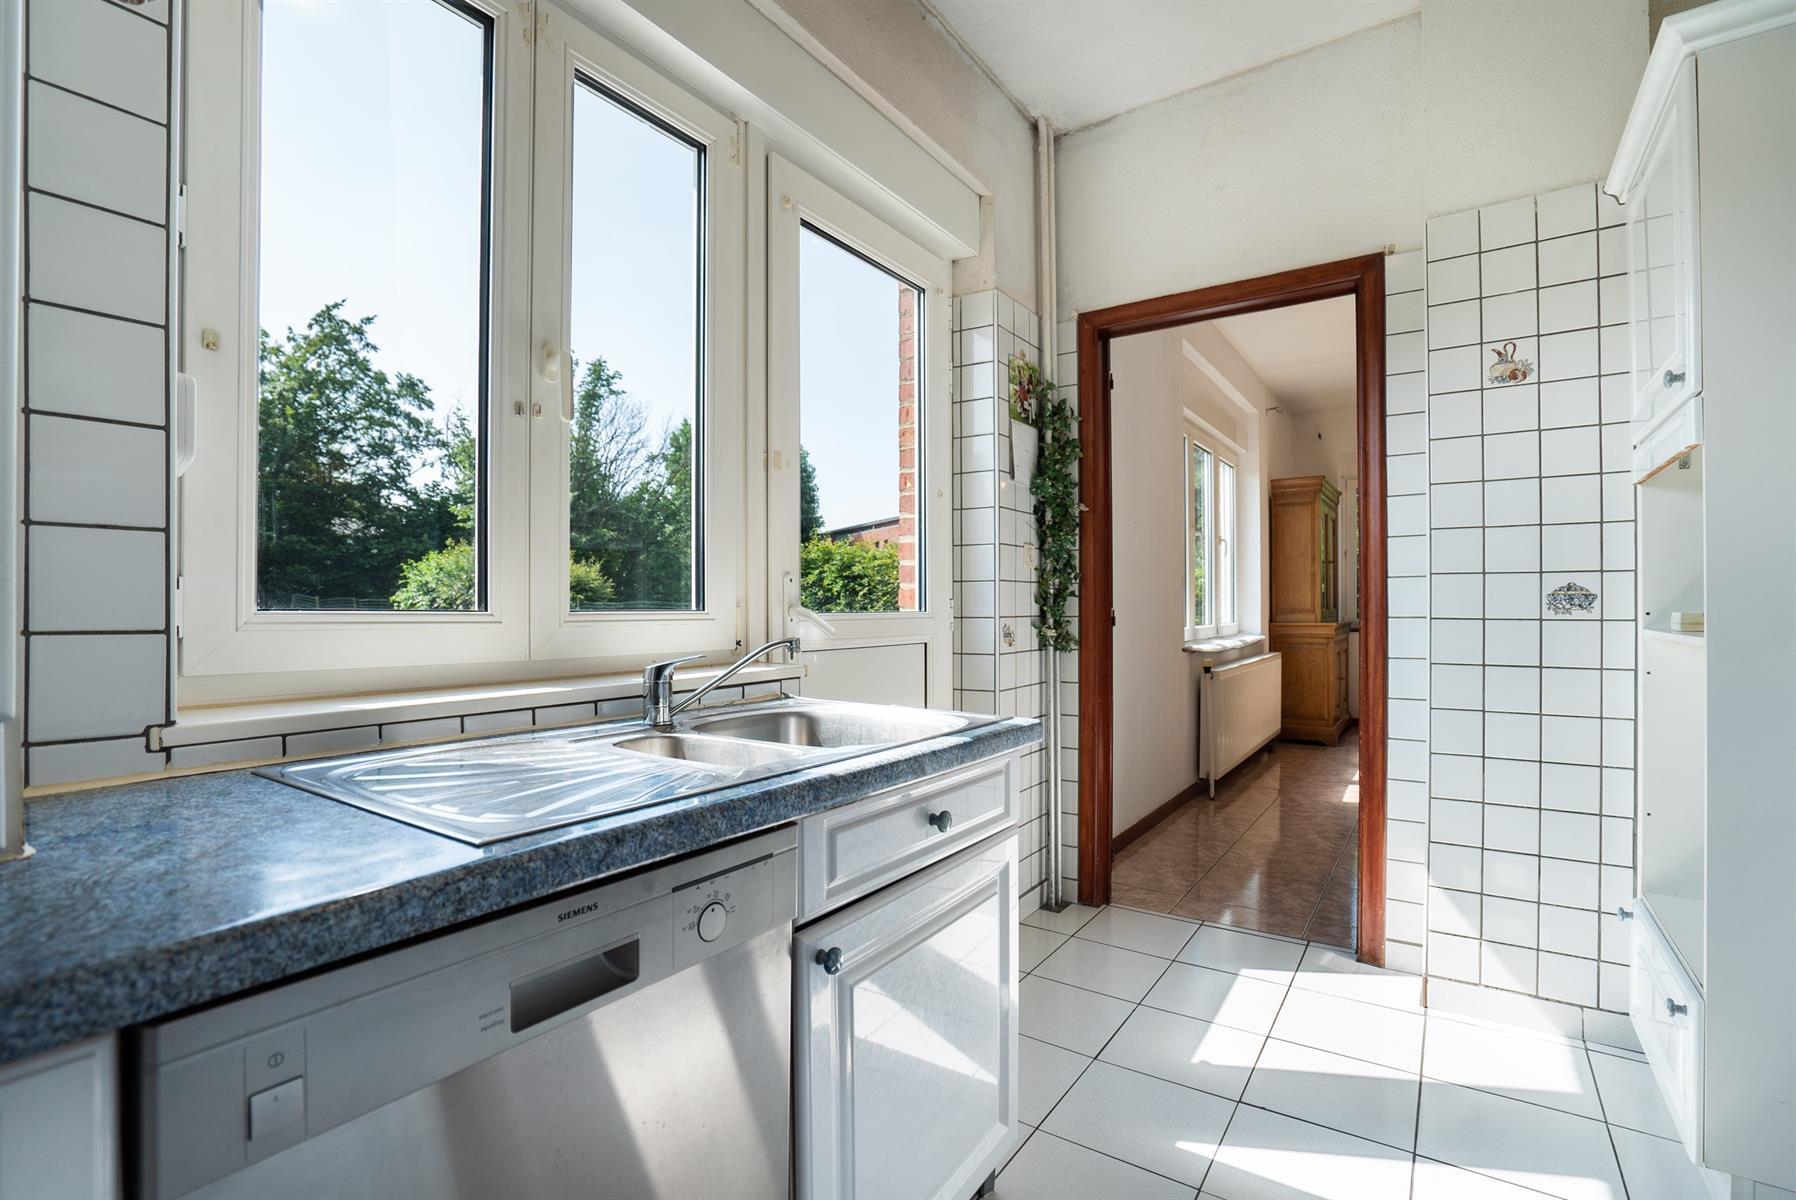 Maison - Verviers Stembert - #4406533-5